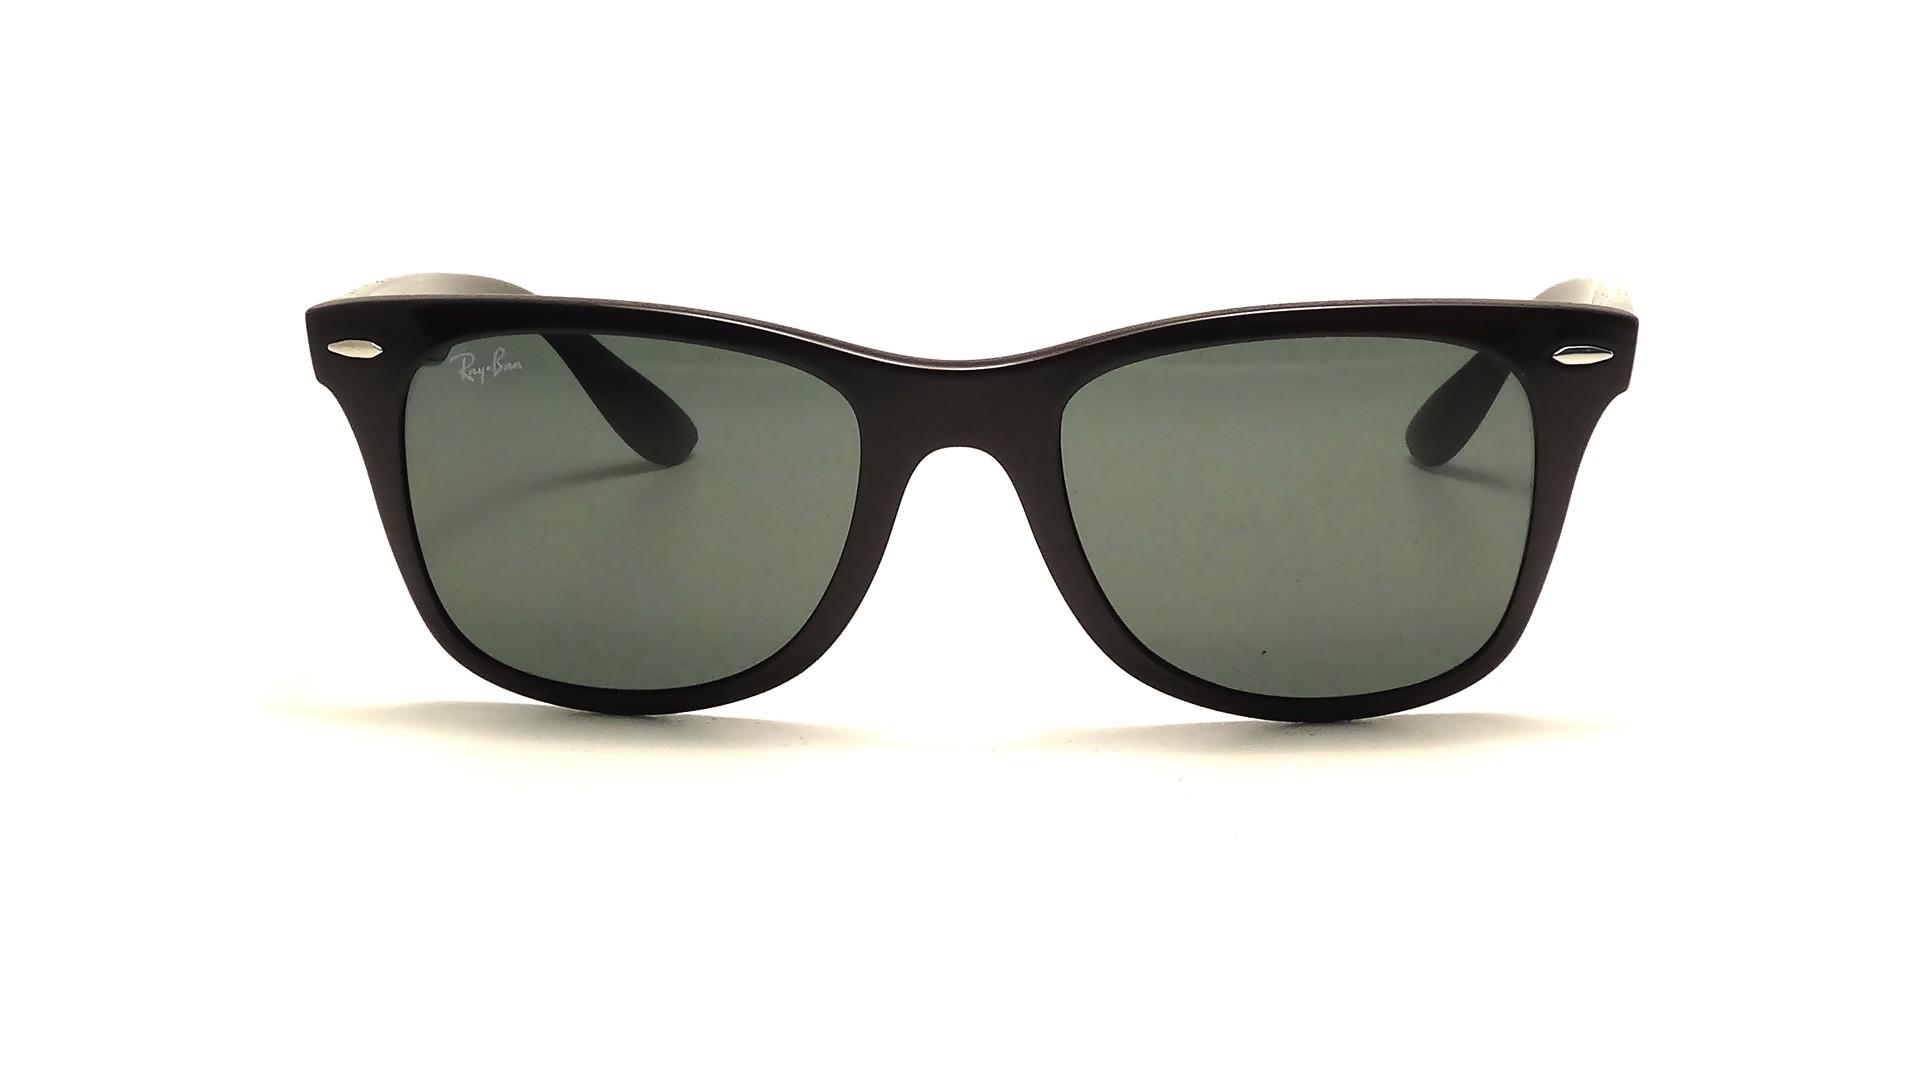 9d0e895af54 Sunglasses Ray-Ban Wayfarer Liteforce Black RB4195 601 71 52-20 Medium